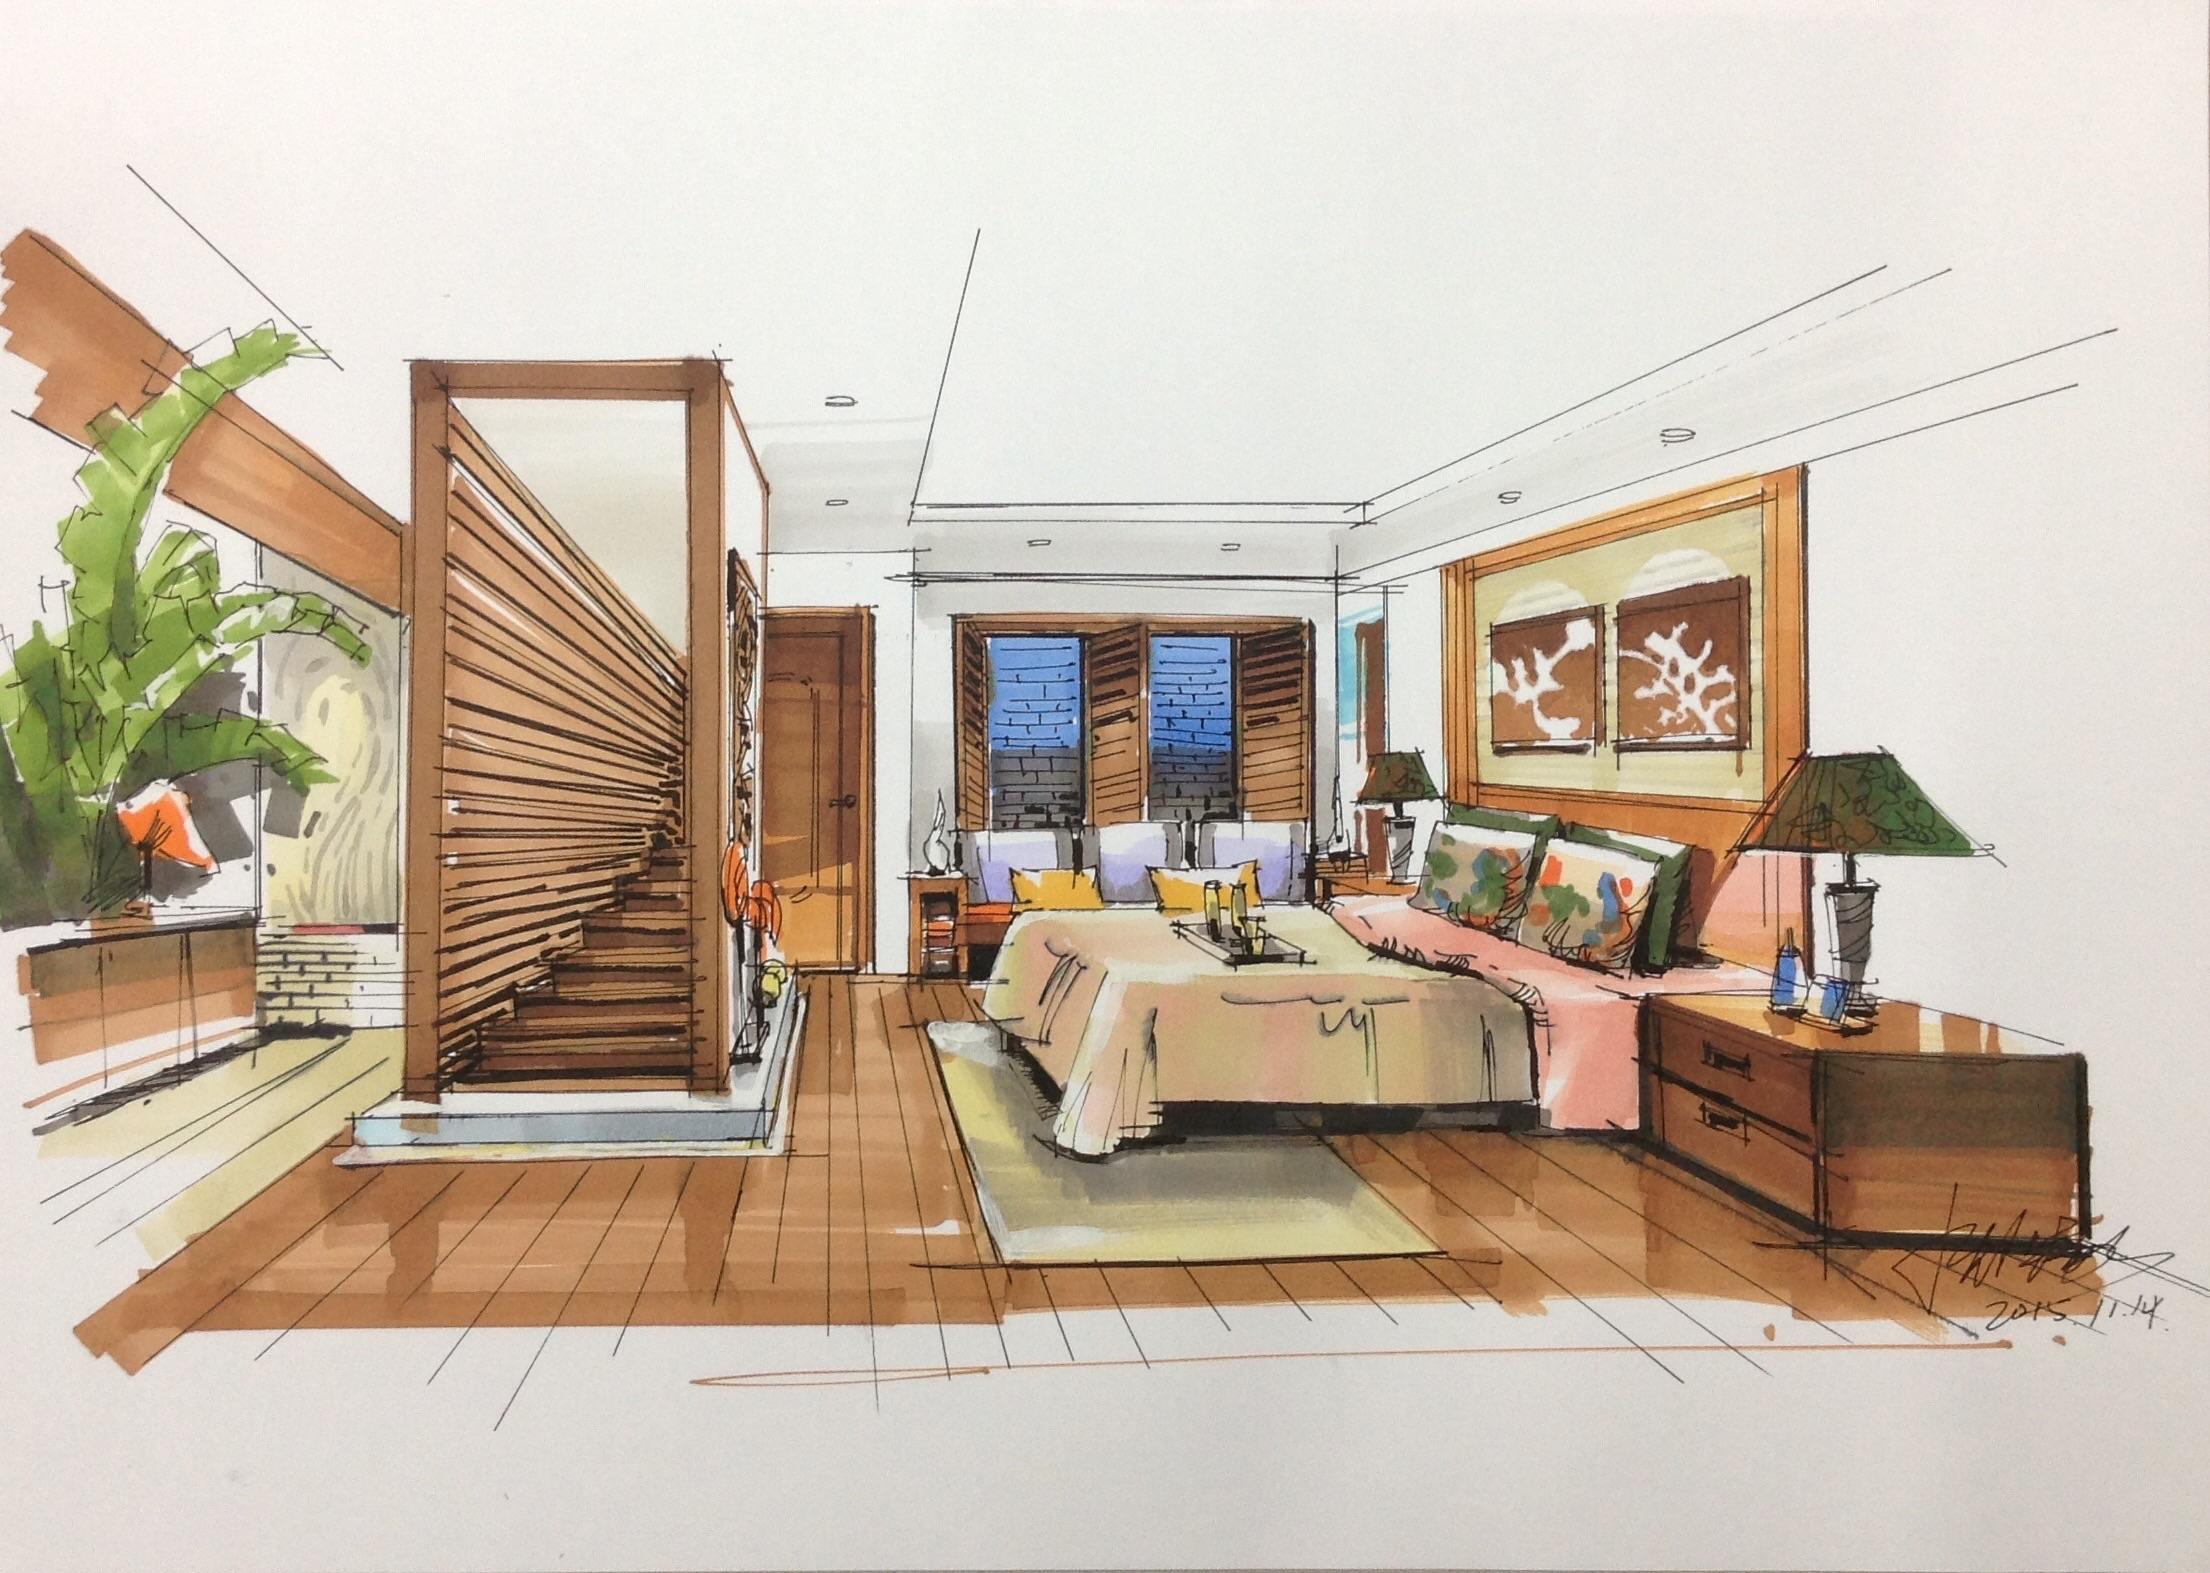 手绘|空间|室内设计|沈佳豪 - 原创作品 - 站酷